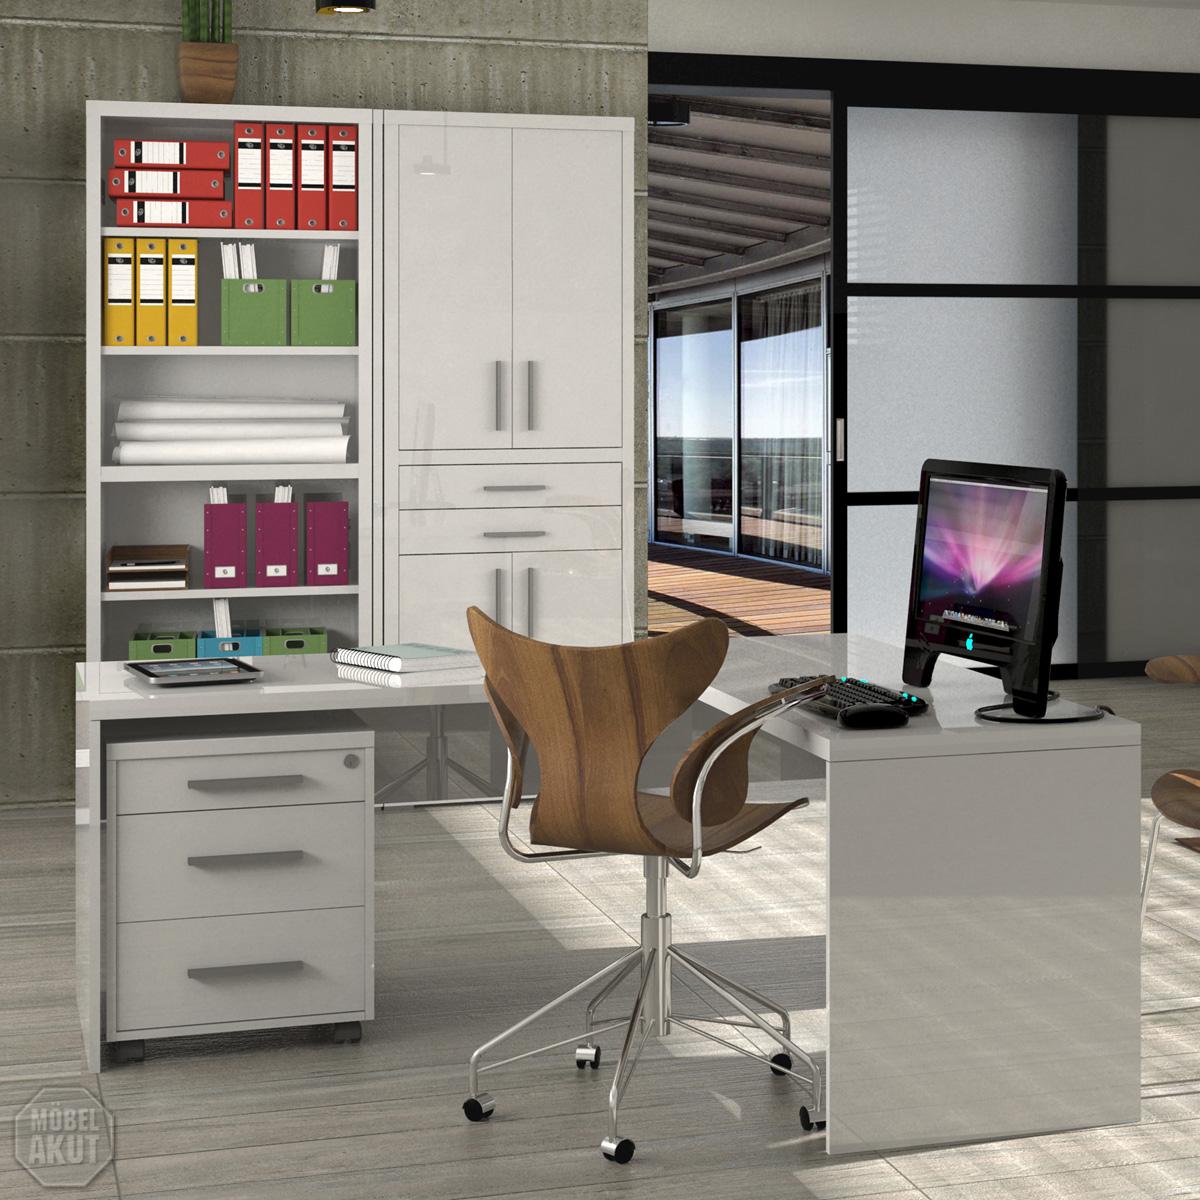 b roset pampa schreibtisch rollcontainer regal in wei hochglanz lackiert ebay. Black Bedroom Furniture Sets. Home Design Ideas